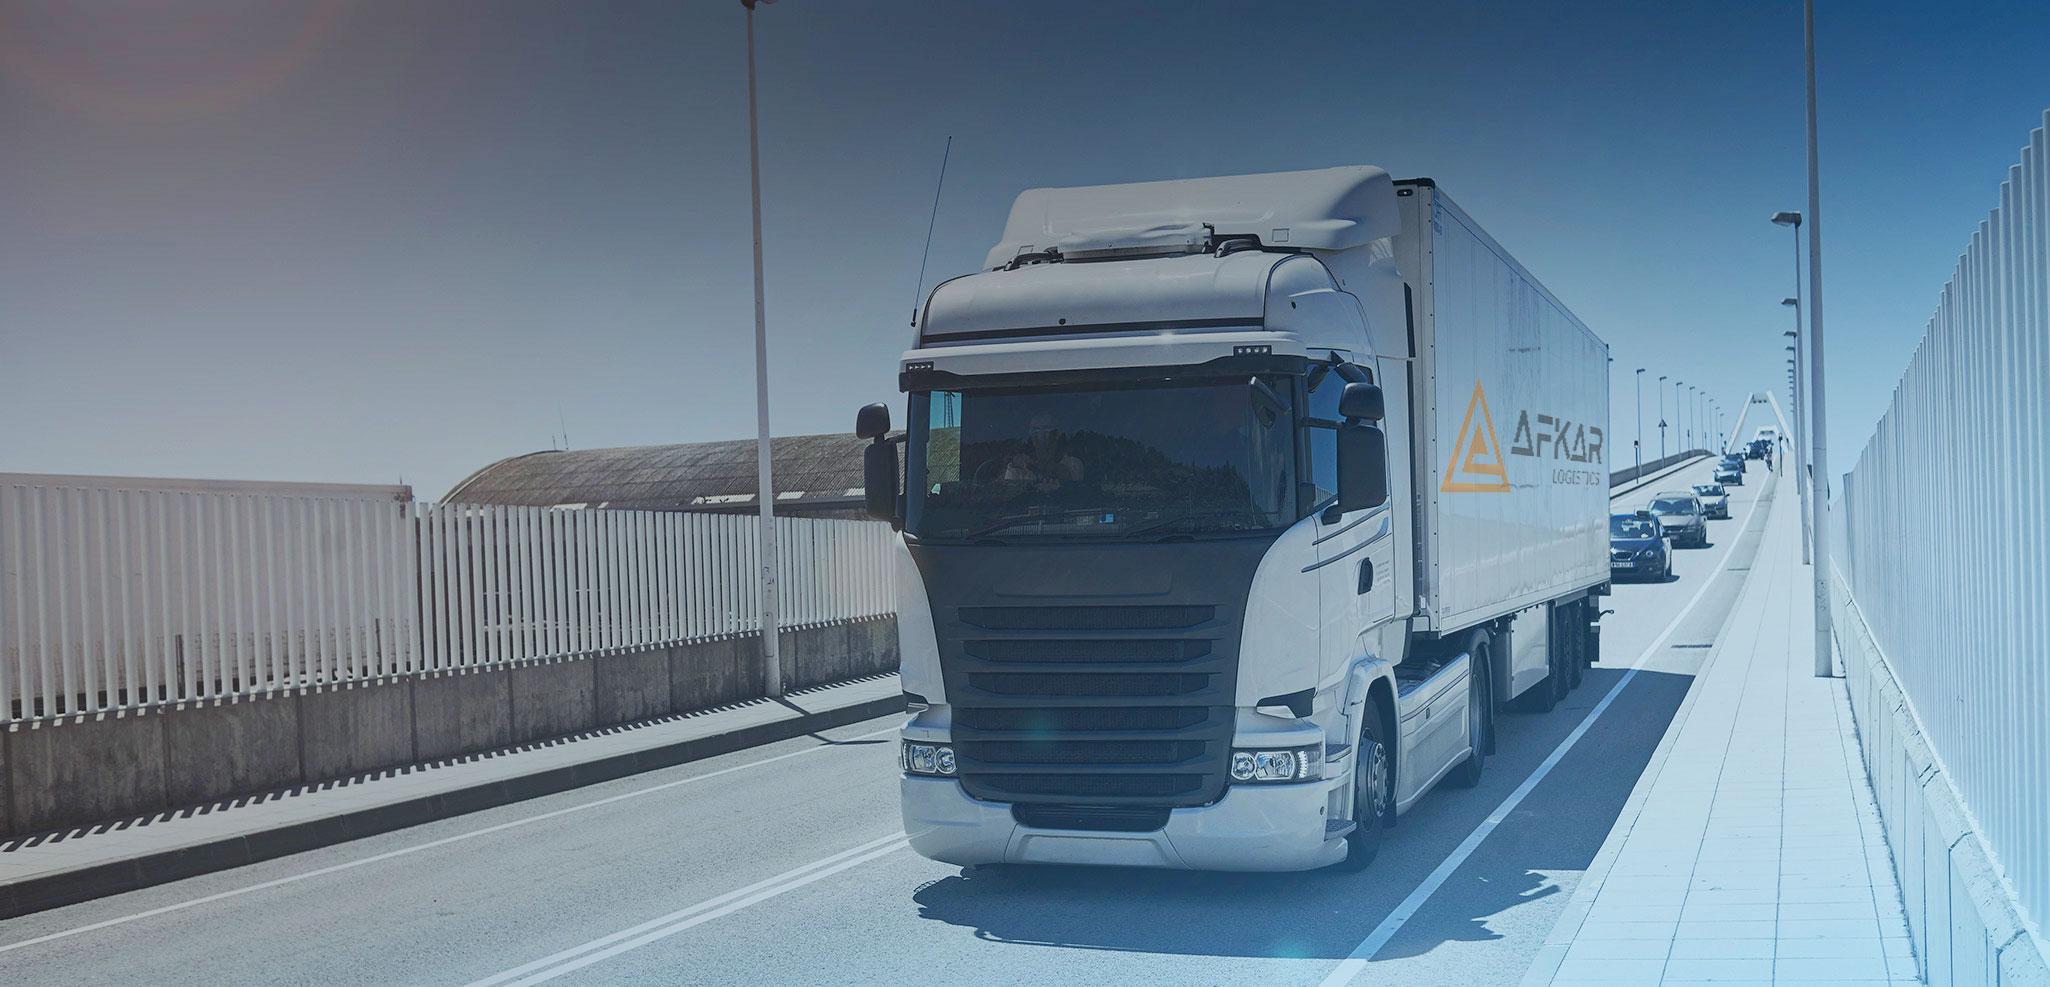 Afkar Logistics